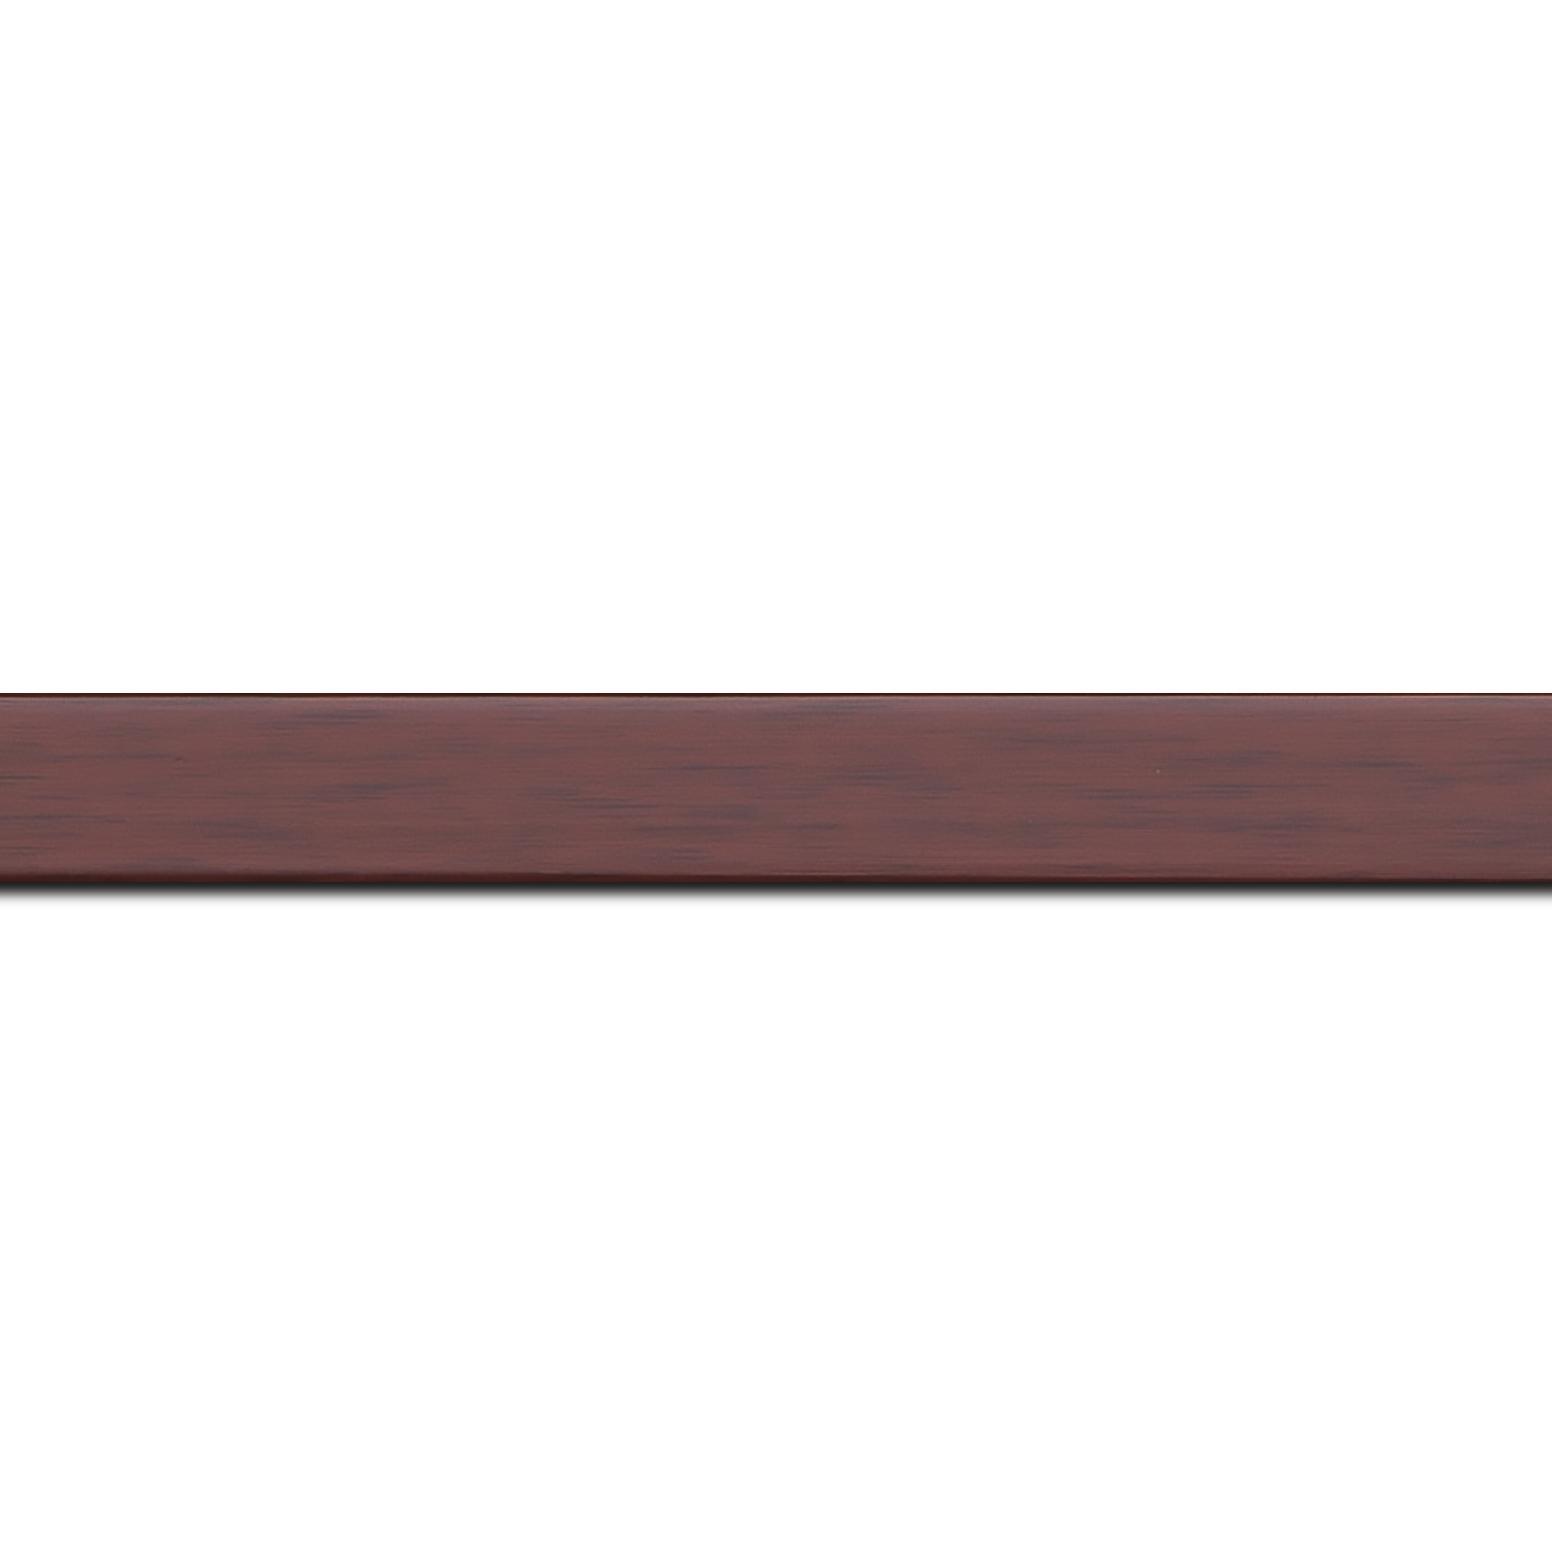 Baguette longueur 1.40m bois profil plat effet cube largeur 2cm couleur ton bois bordeaux